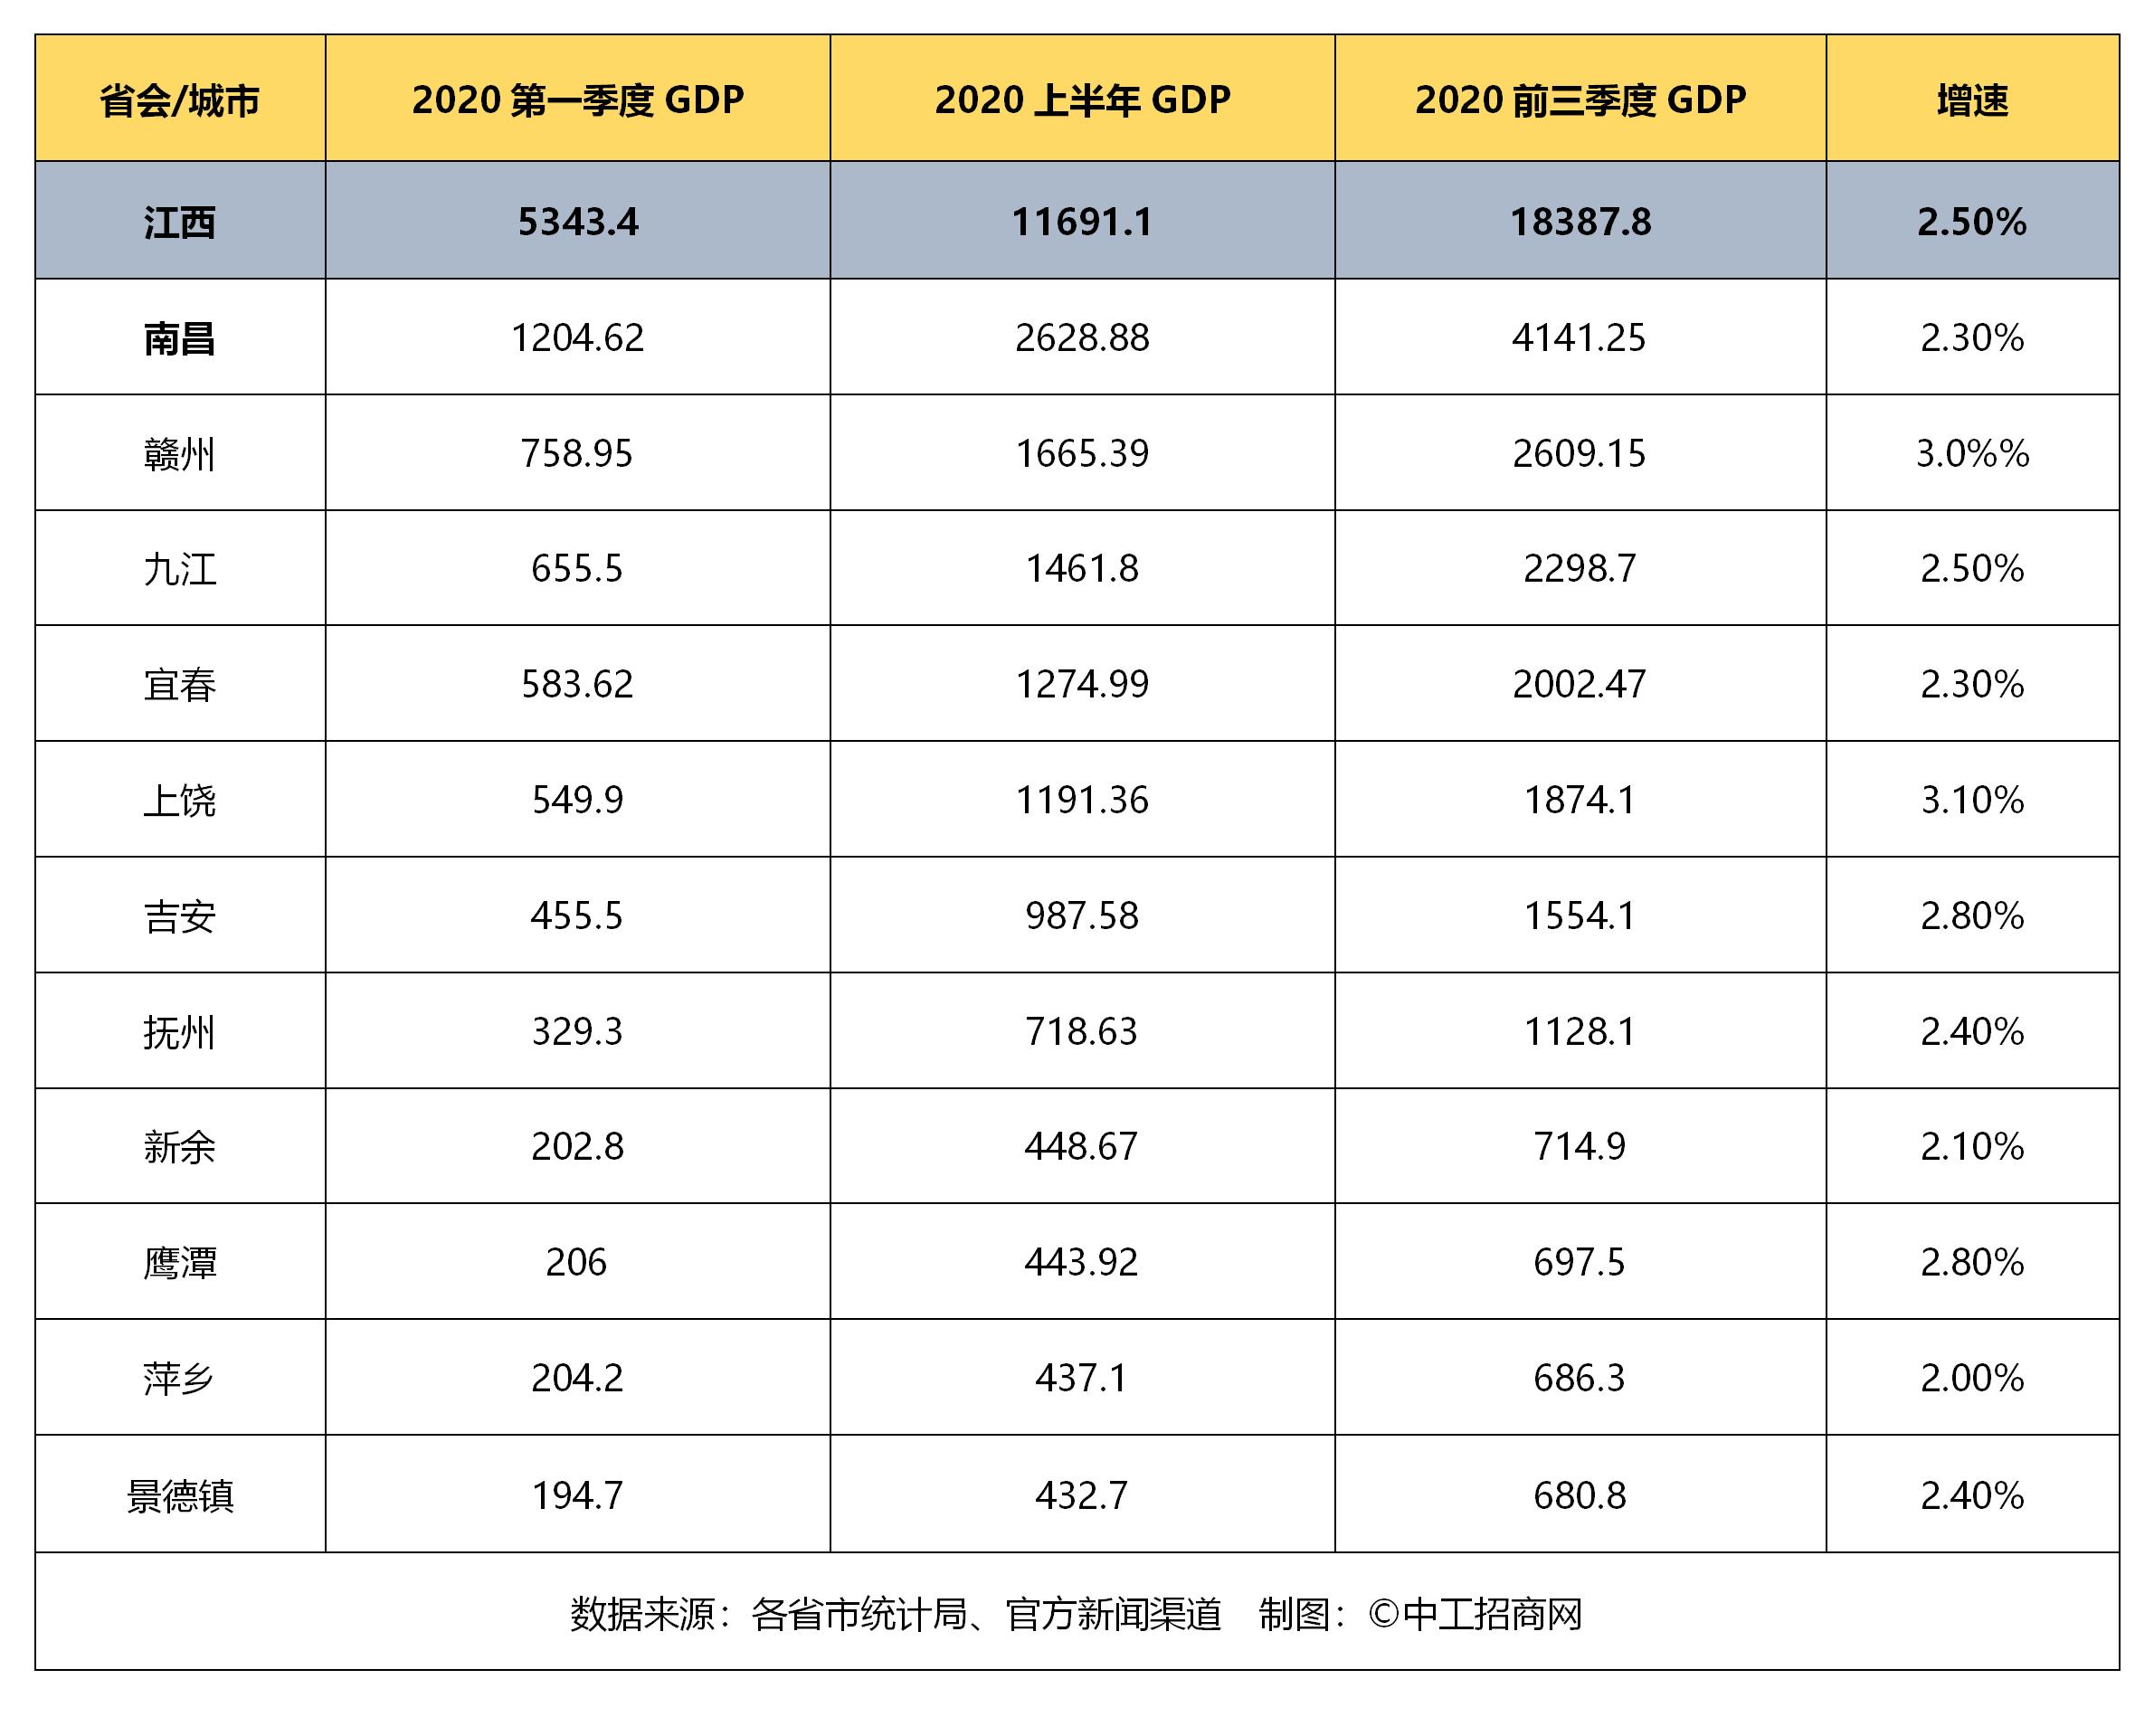 2020第三季度浙江gdp_美国2020季度gdp